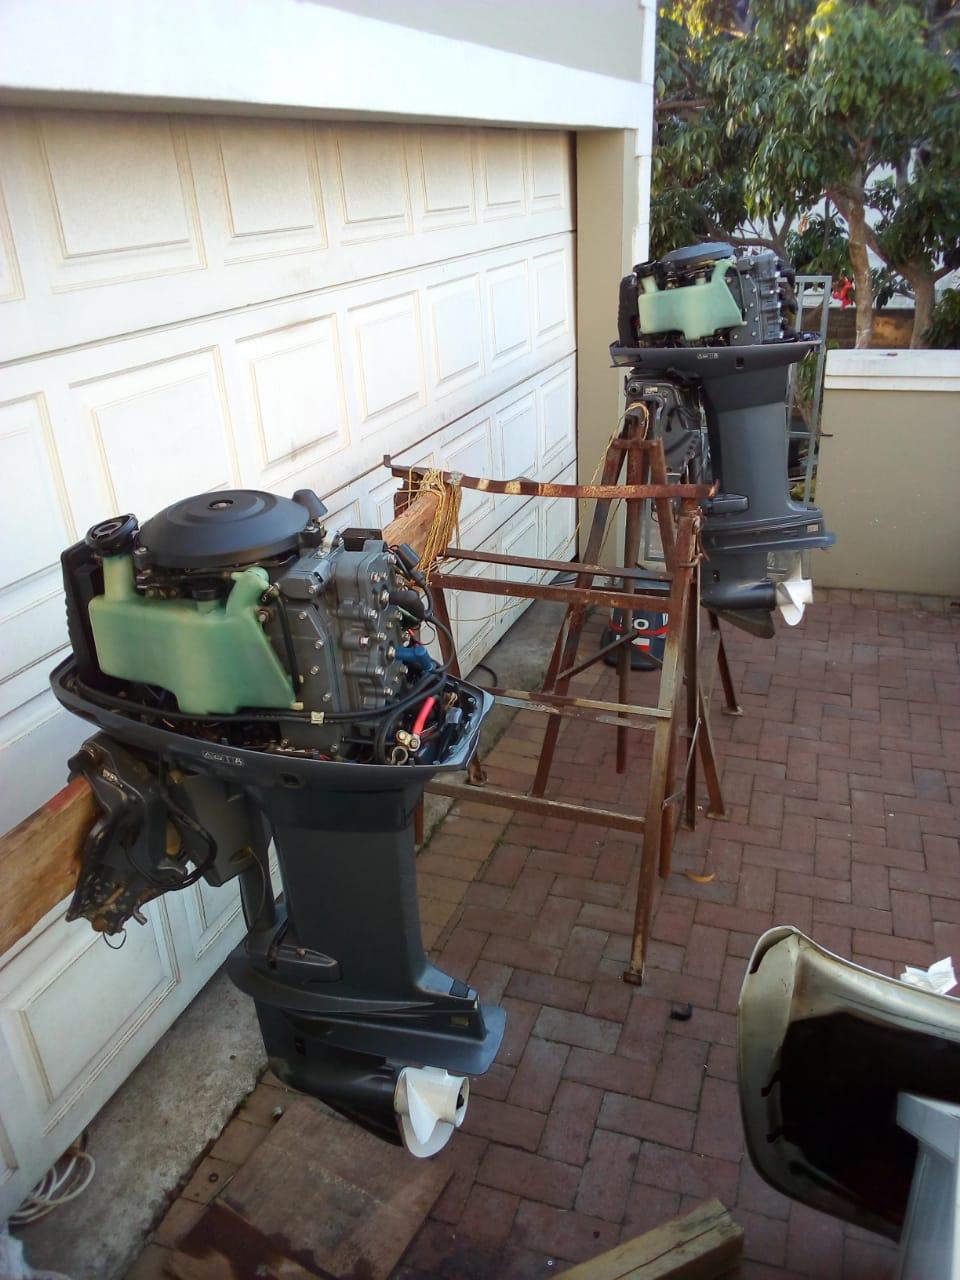 Yamaha Outboard motors